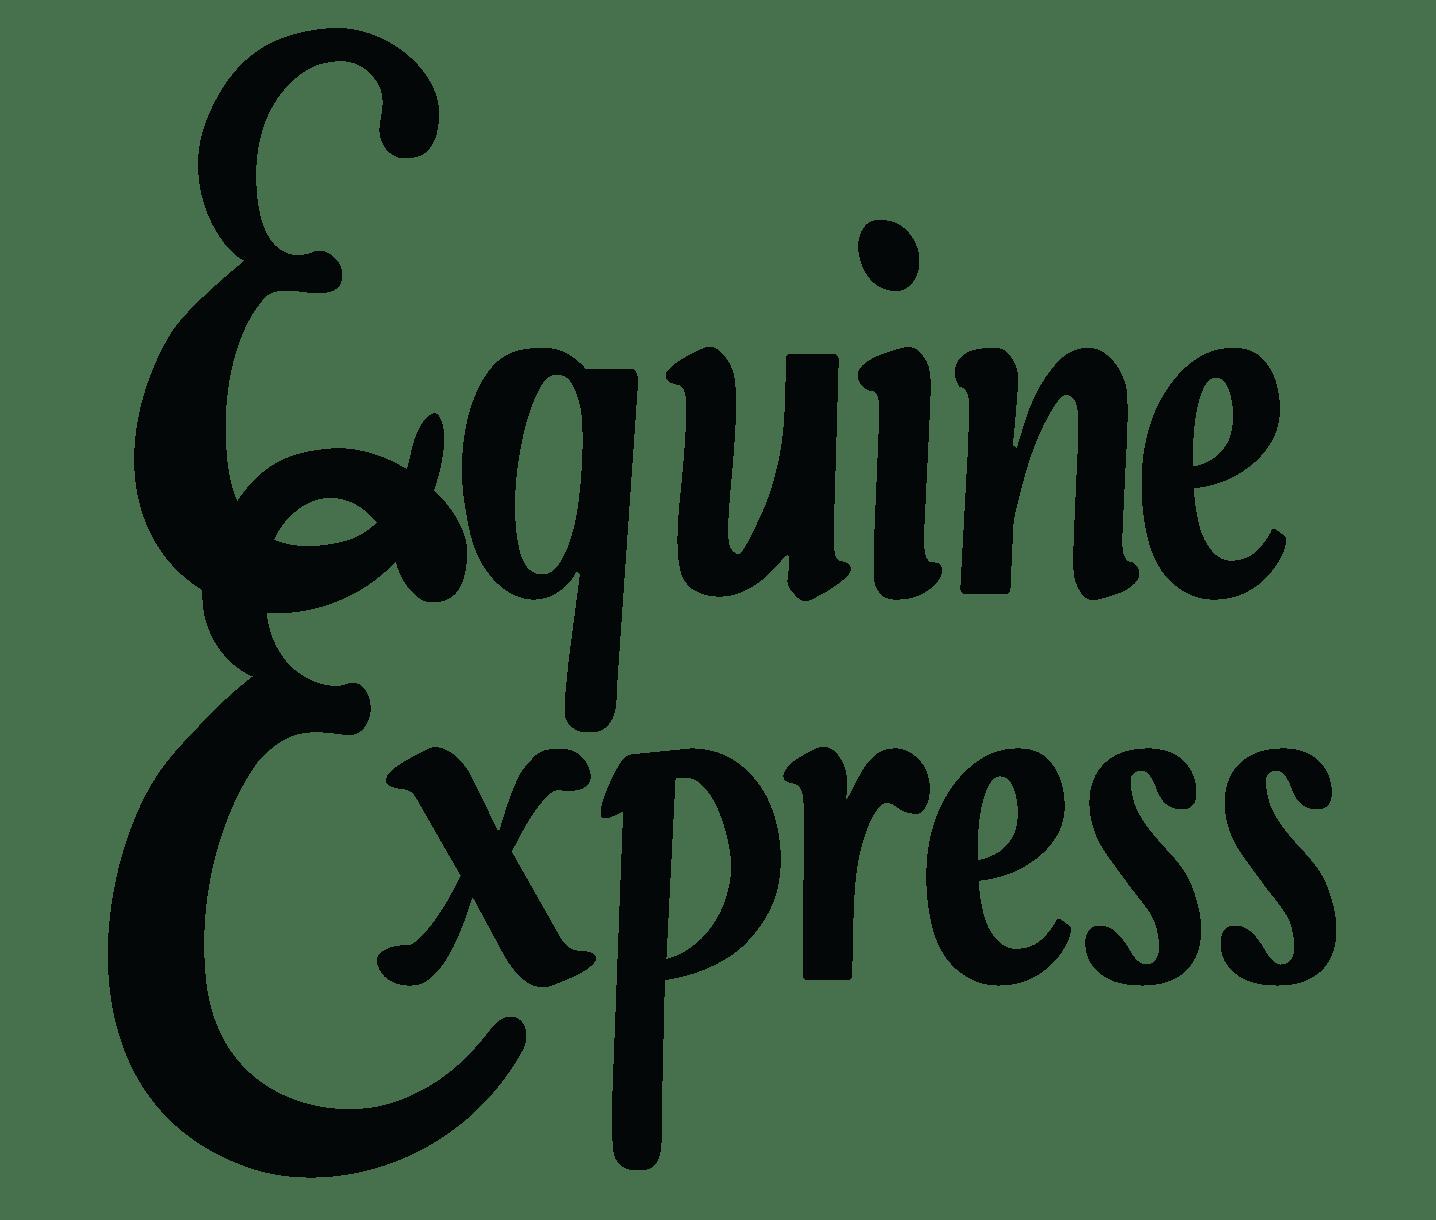 Equine Express